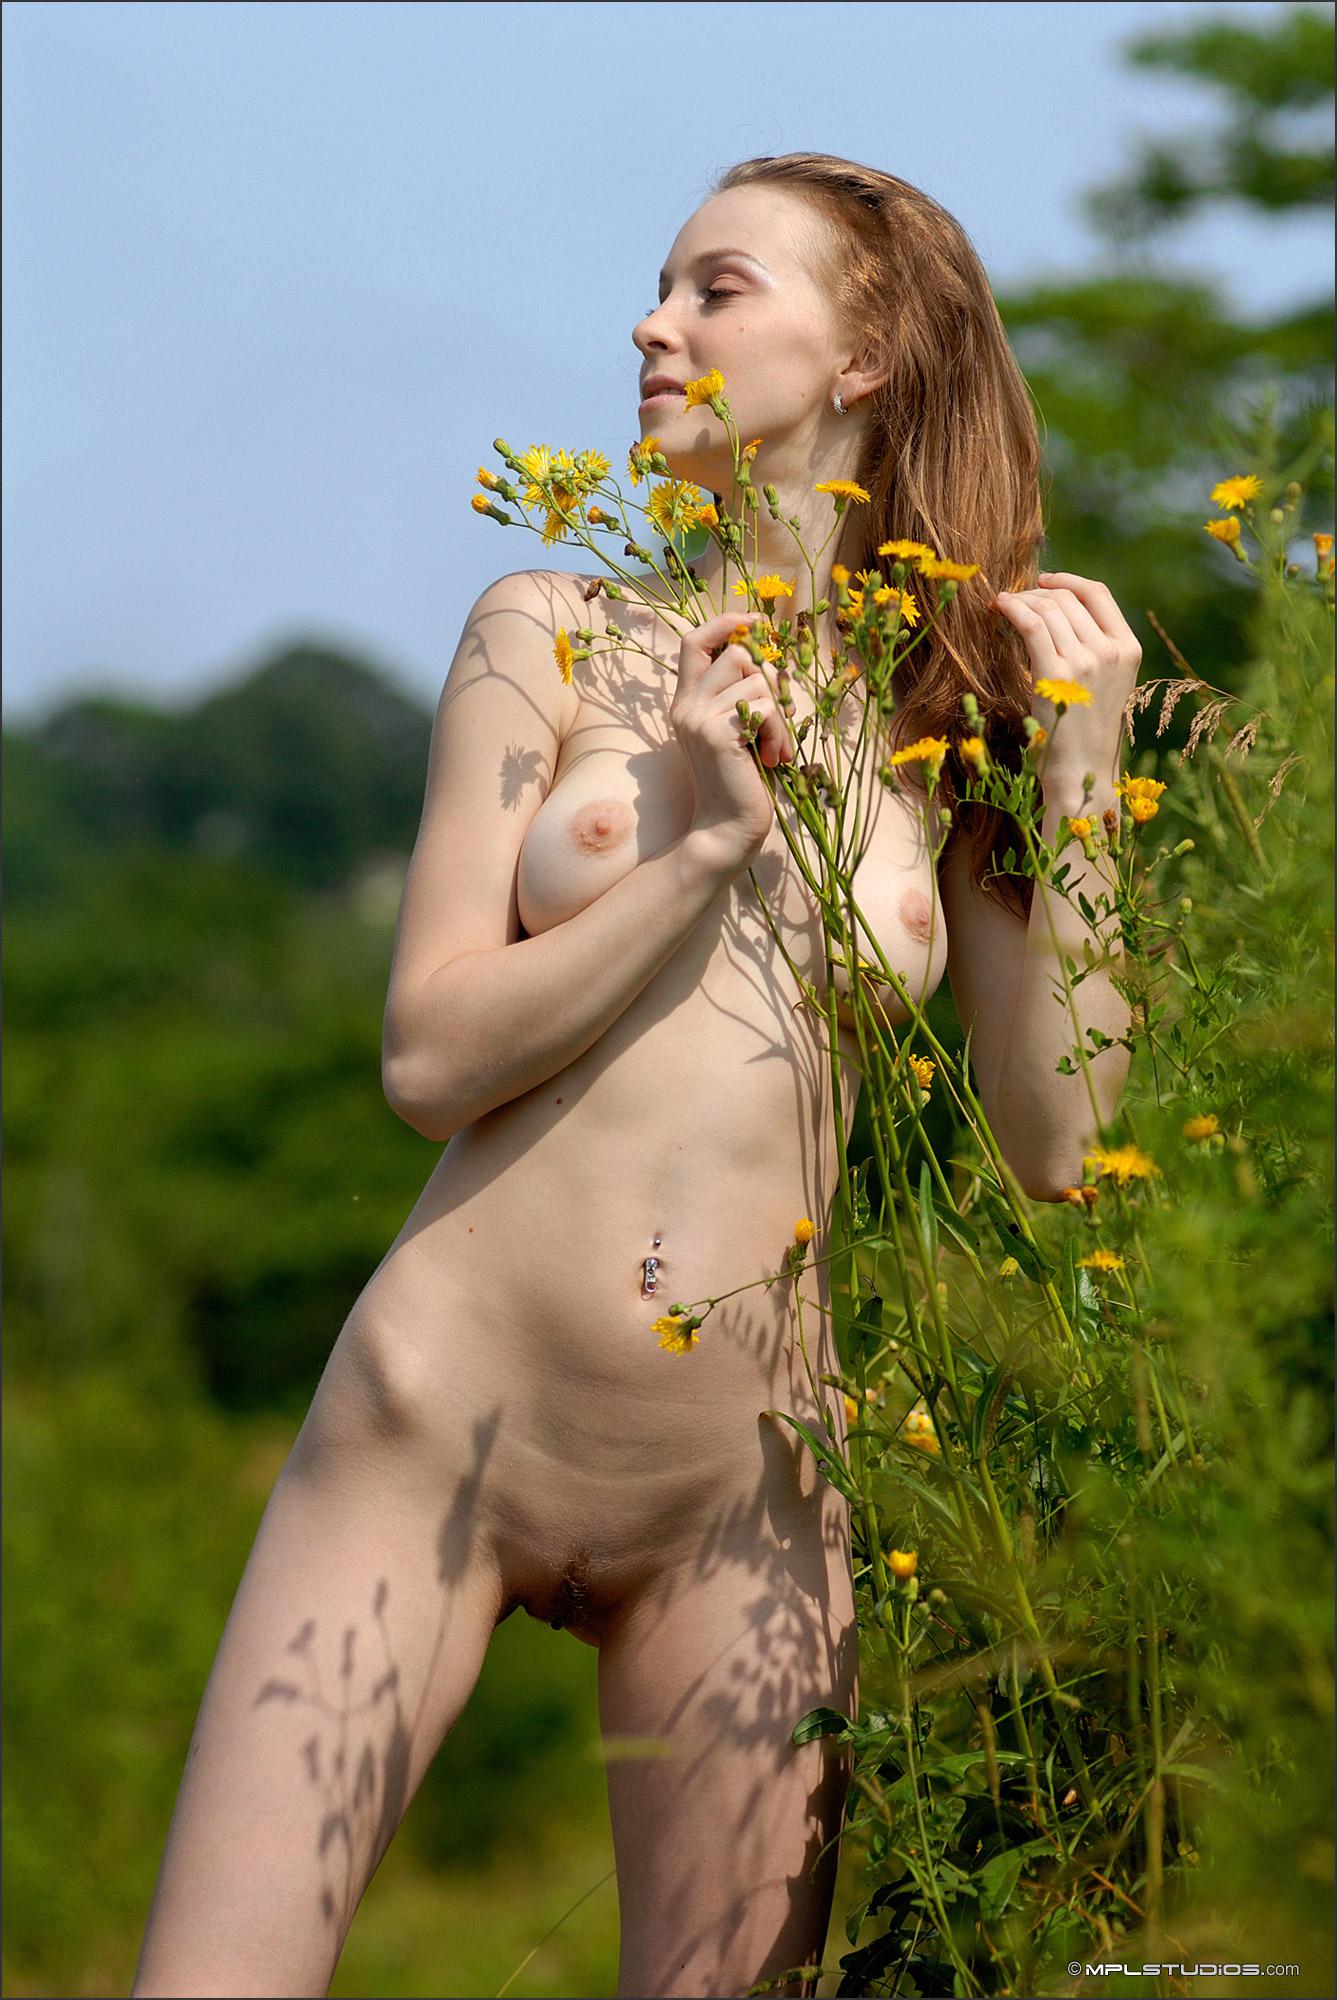 Сексуальные утехи в дикой природе 13 фотография